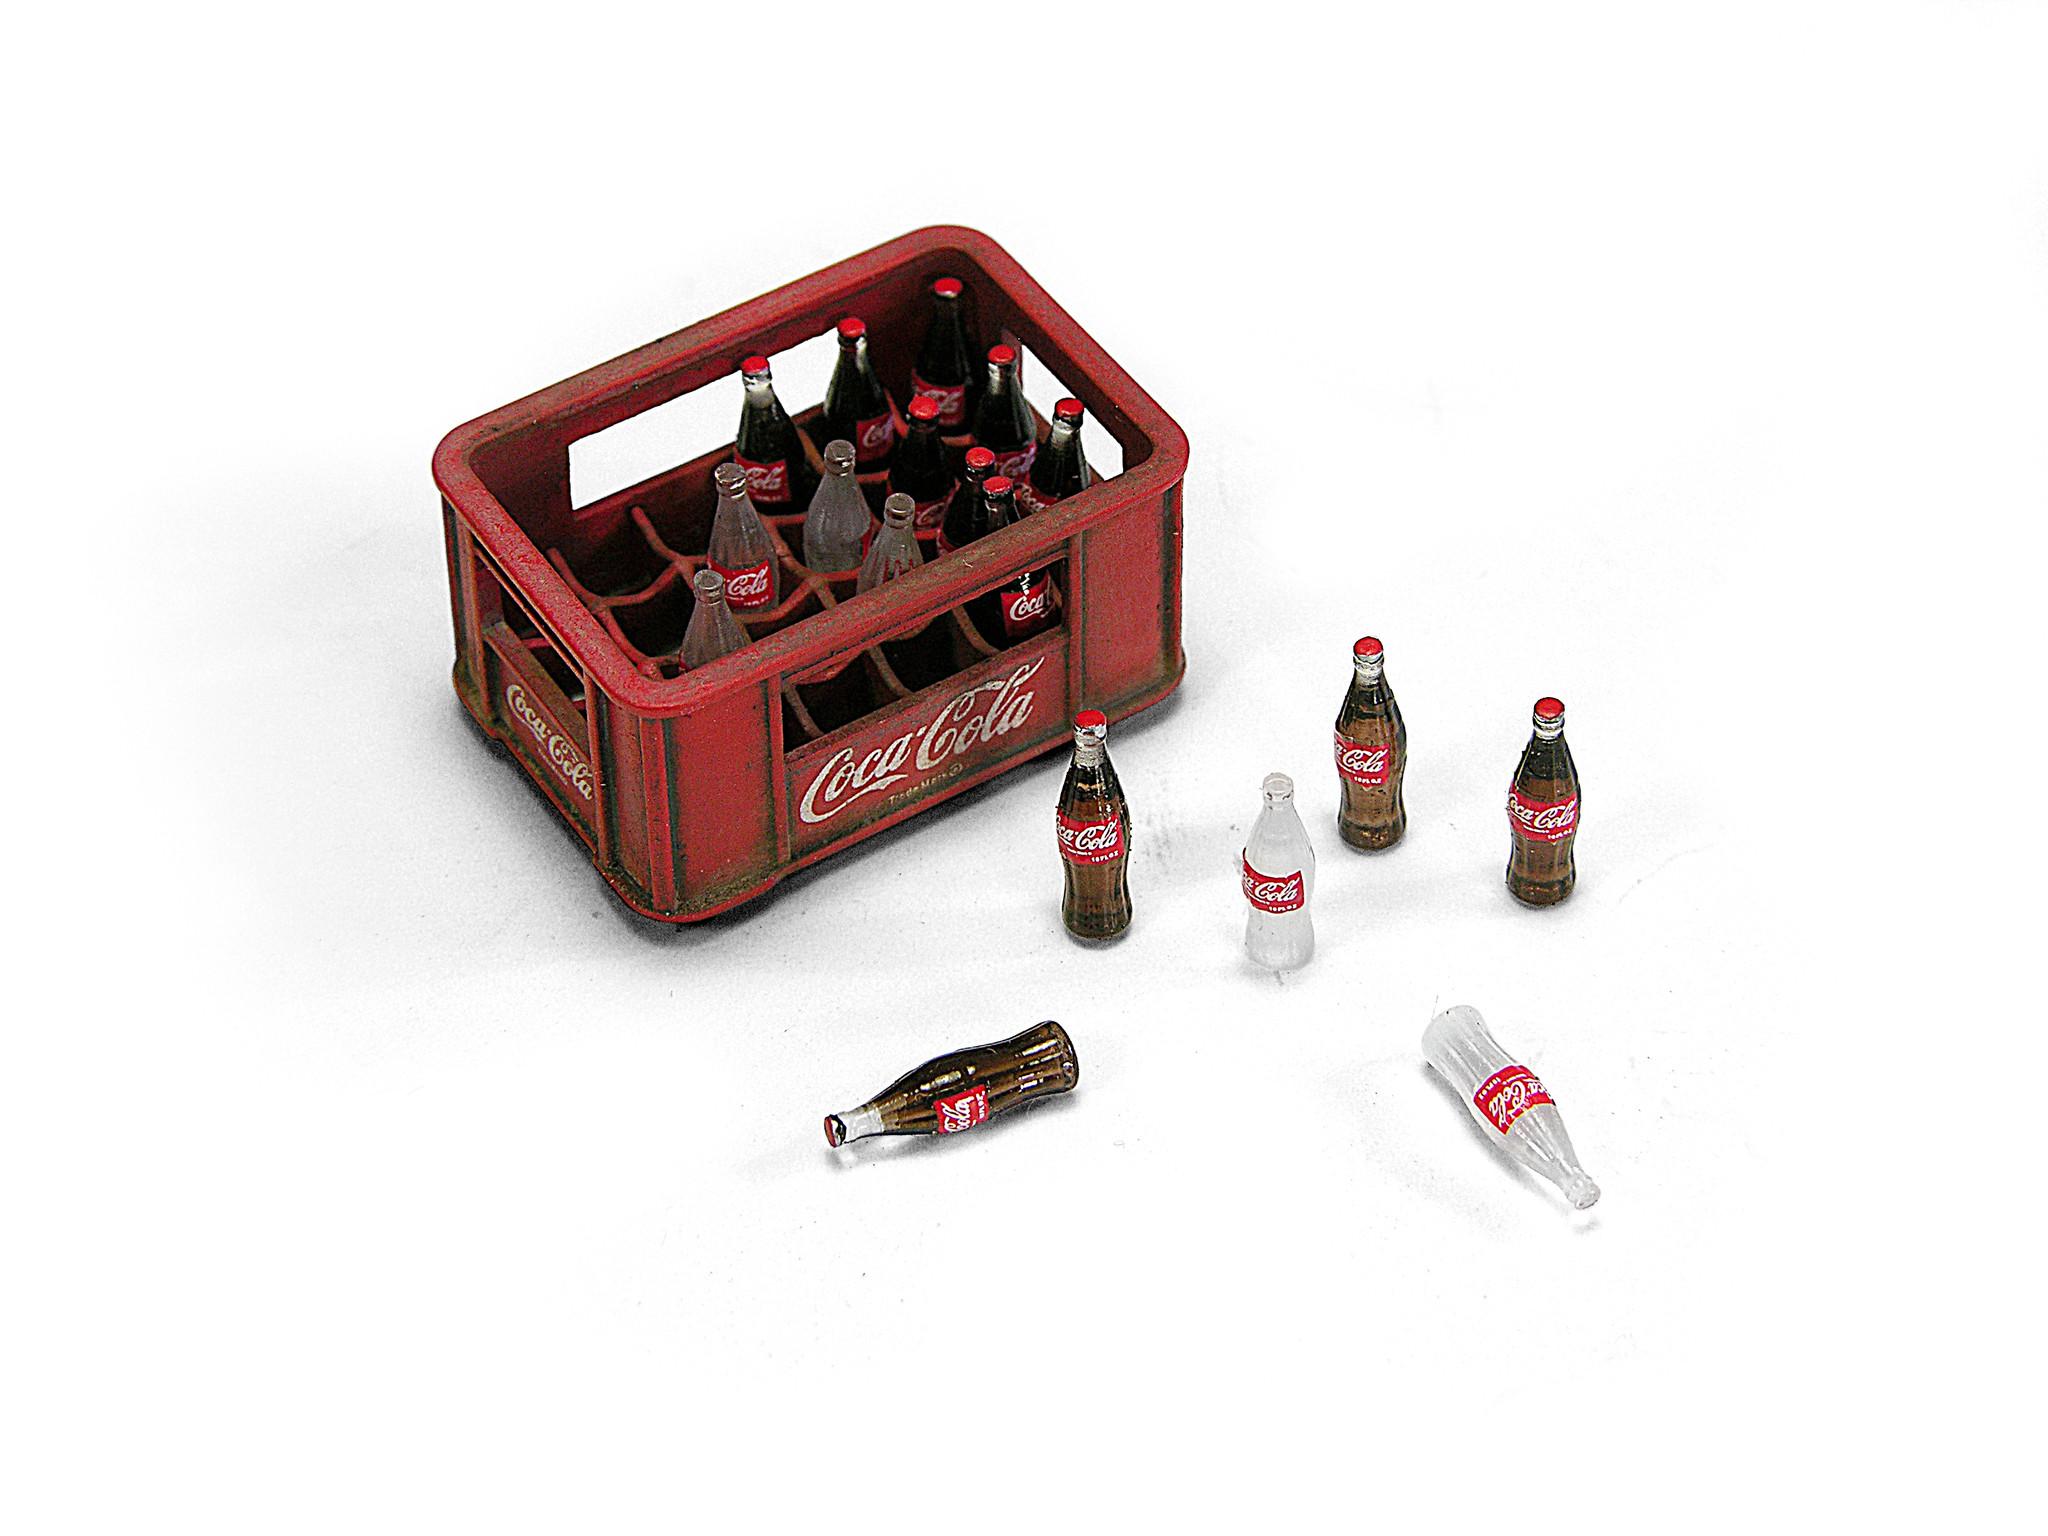 Doozy 1940-1980's PLASTIC BOX COCA-COLA BOTTLES - Scale 1/24 - Doozy - DZ027